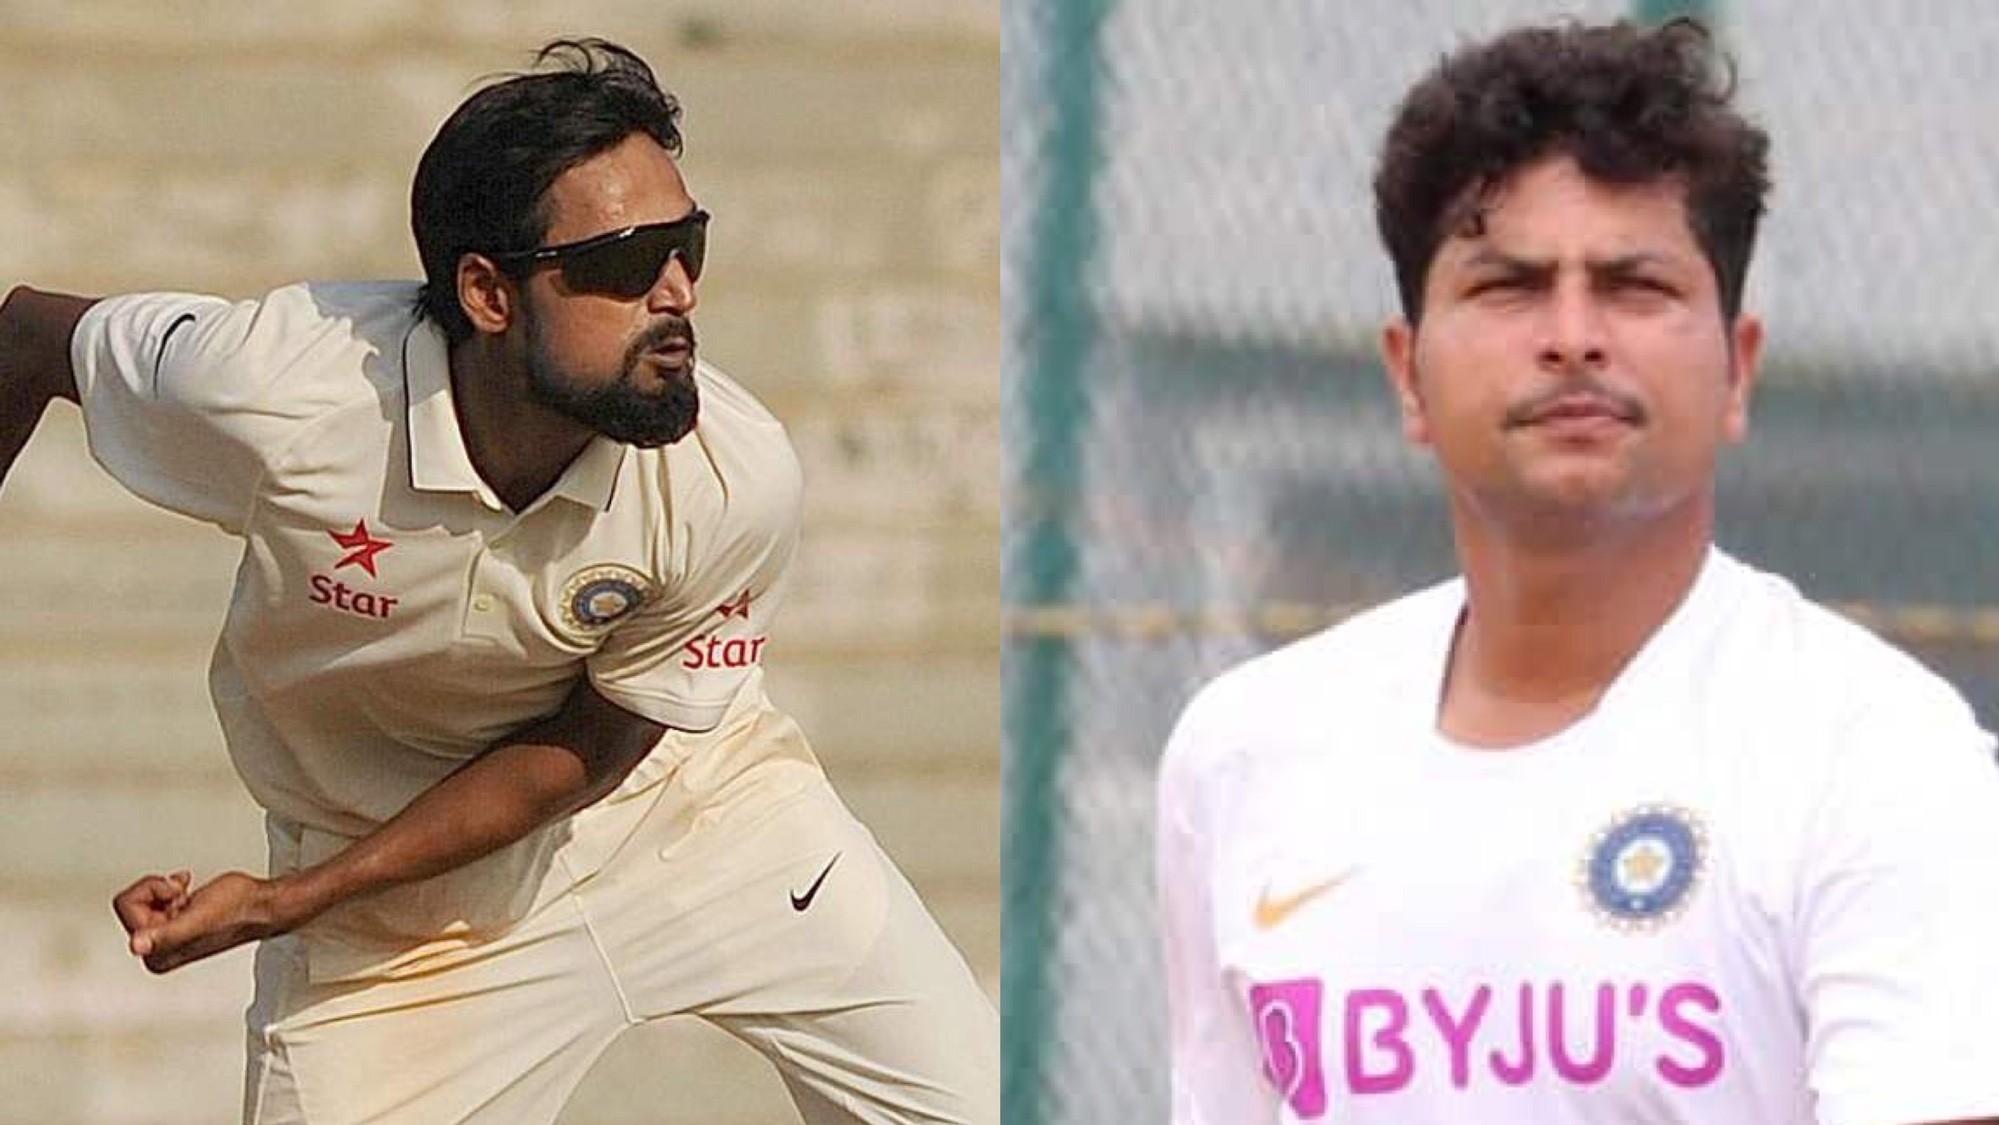 IND v SA 2019: Shahbaz Nadeem called up after Kuldeep Yadav complains of shoulder pain